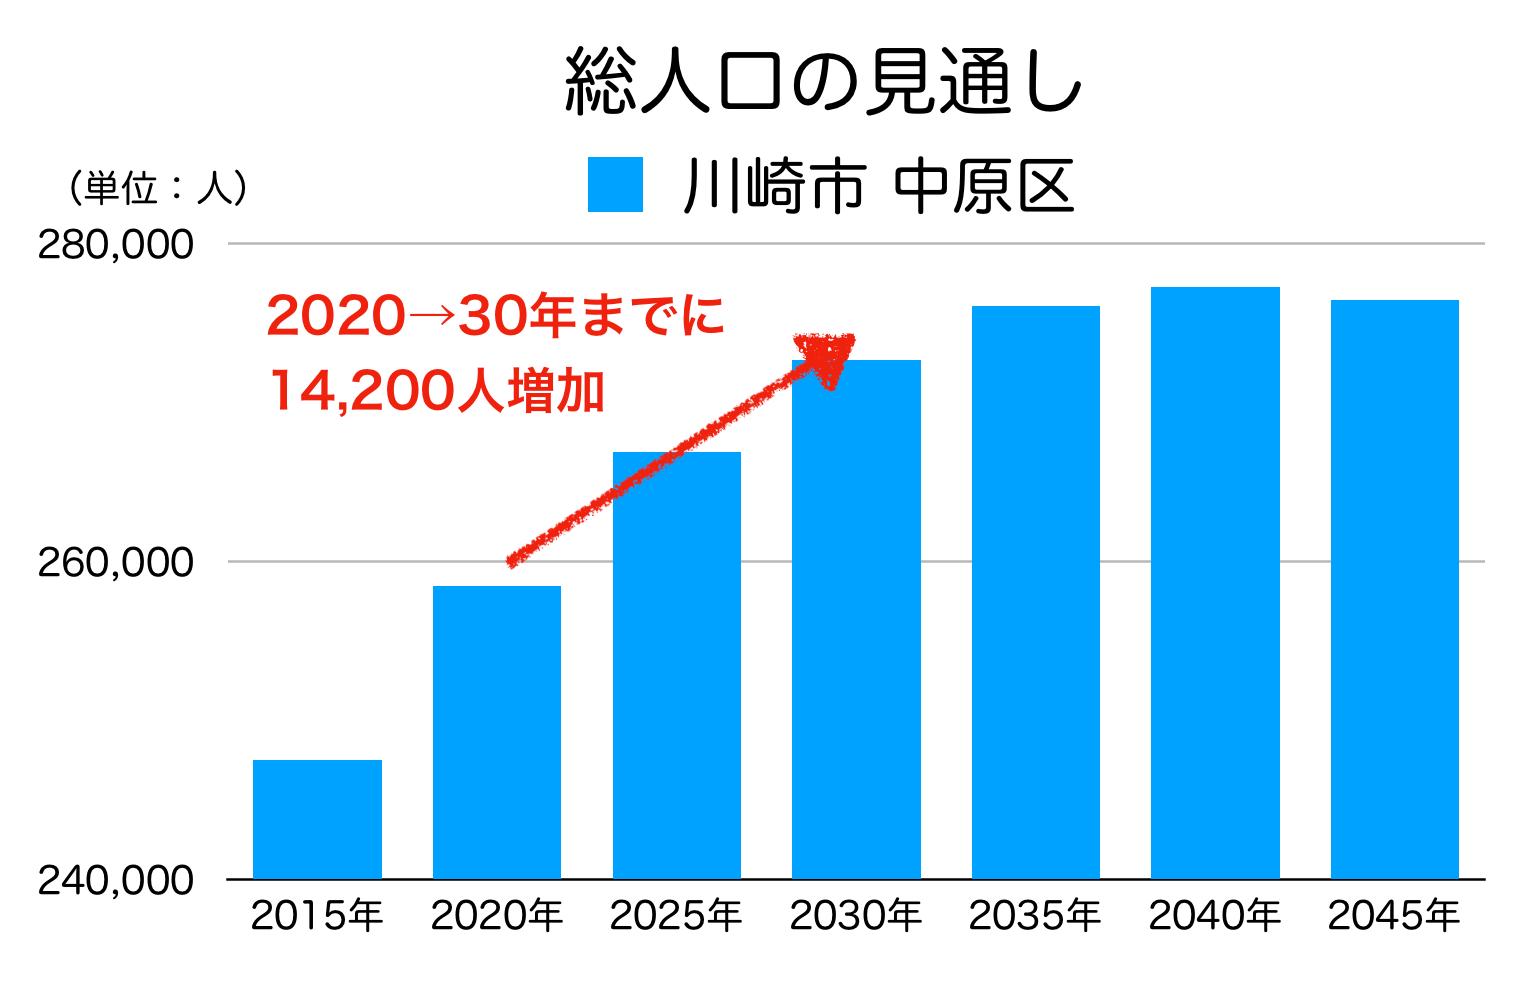 川崎市中原区の人口予測